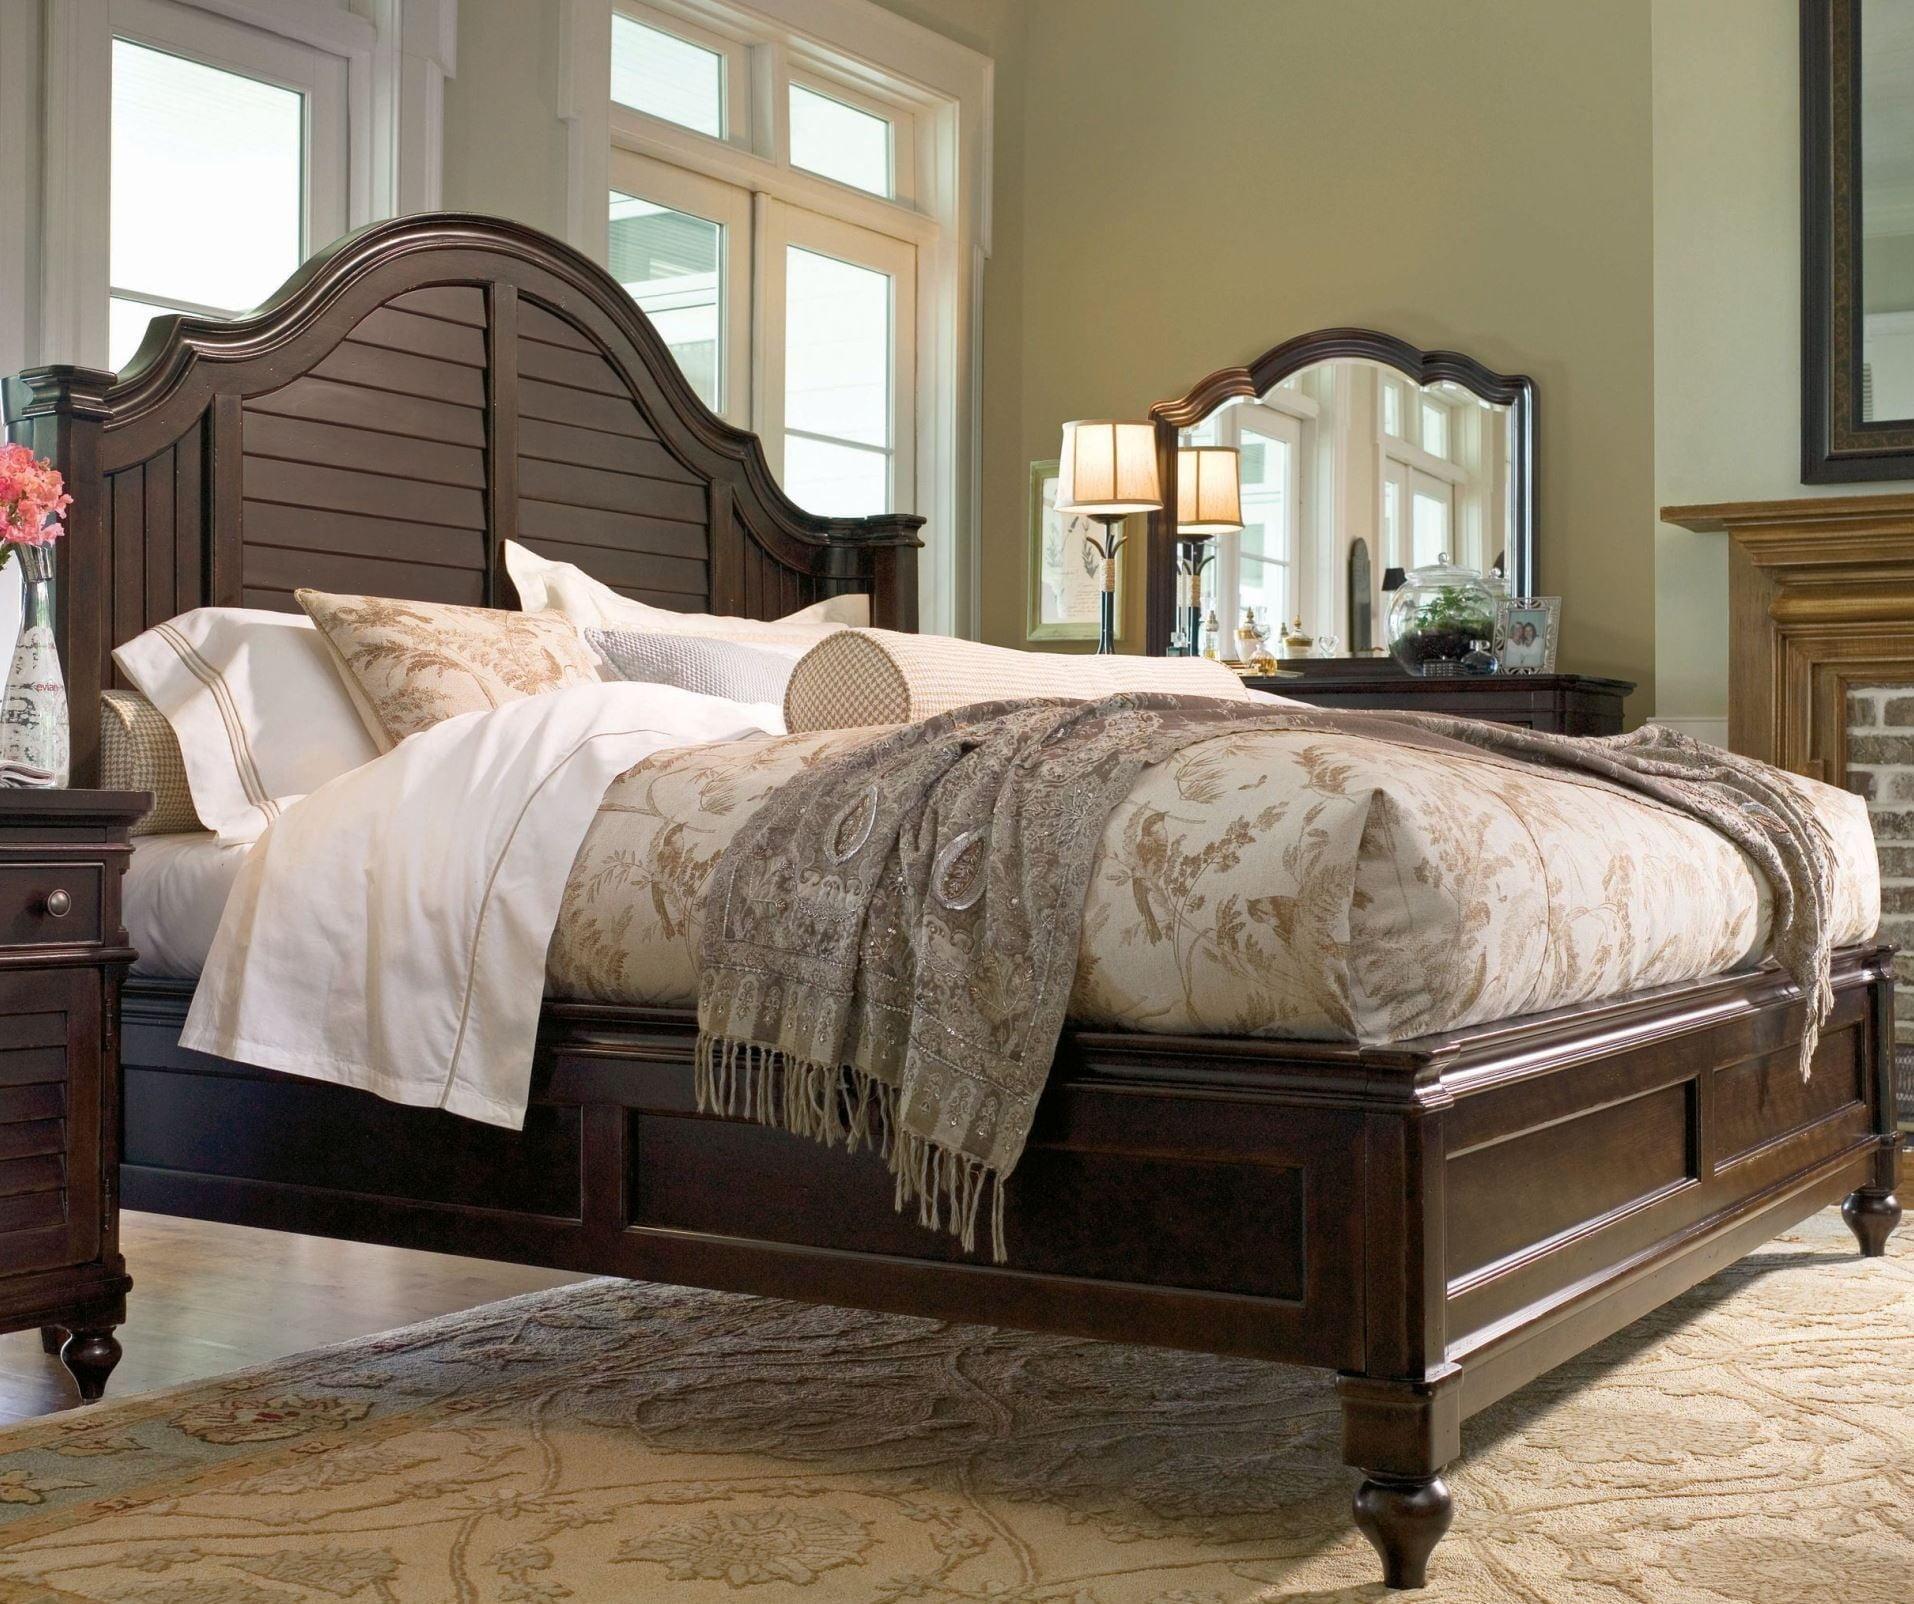 Paula Deen Home Tobacco Steel Magnolia Queen Bed From Paula Deen 932210b Coleman Furniture